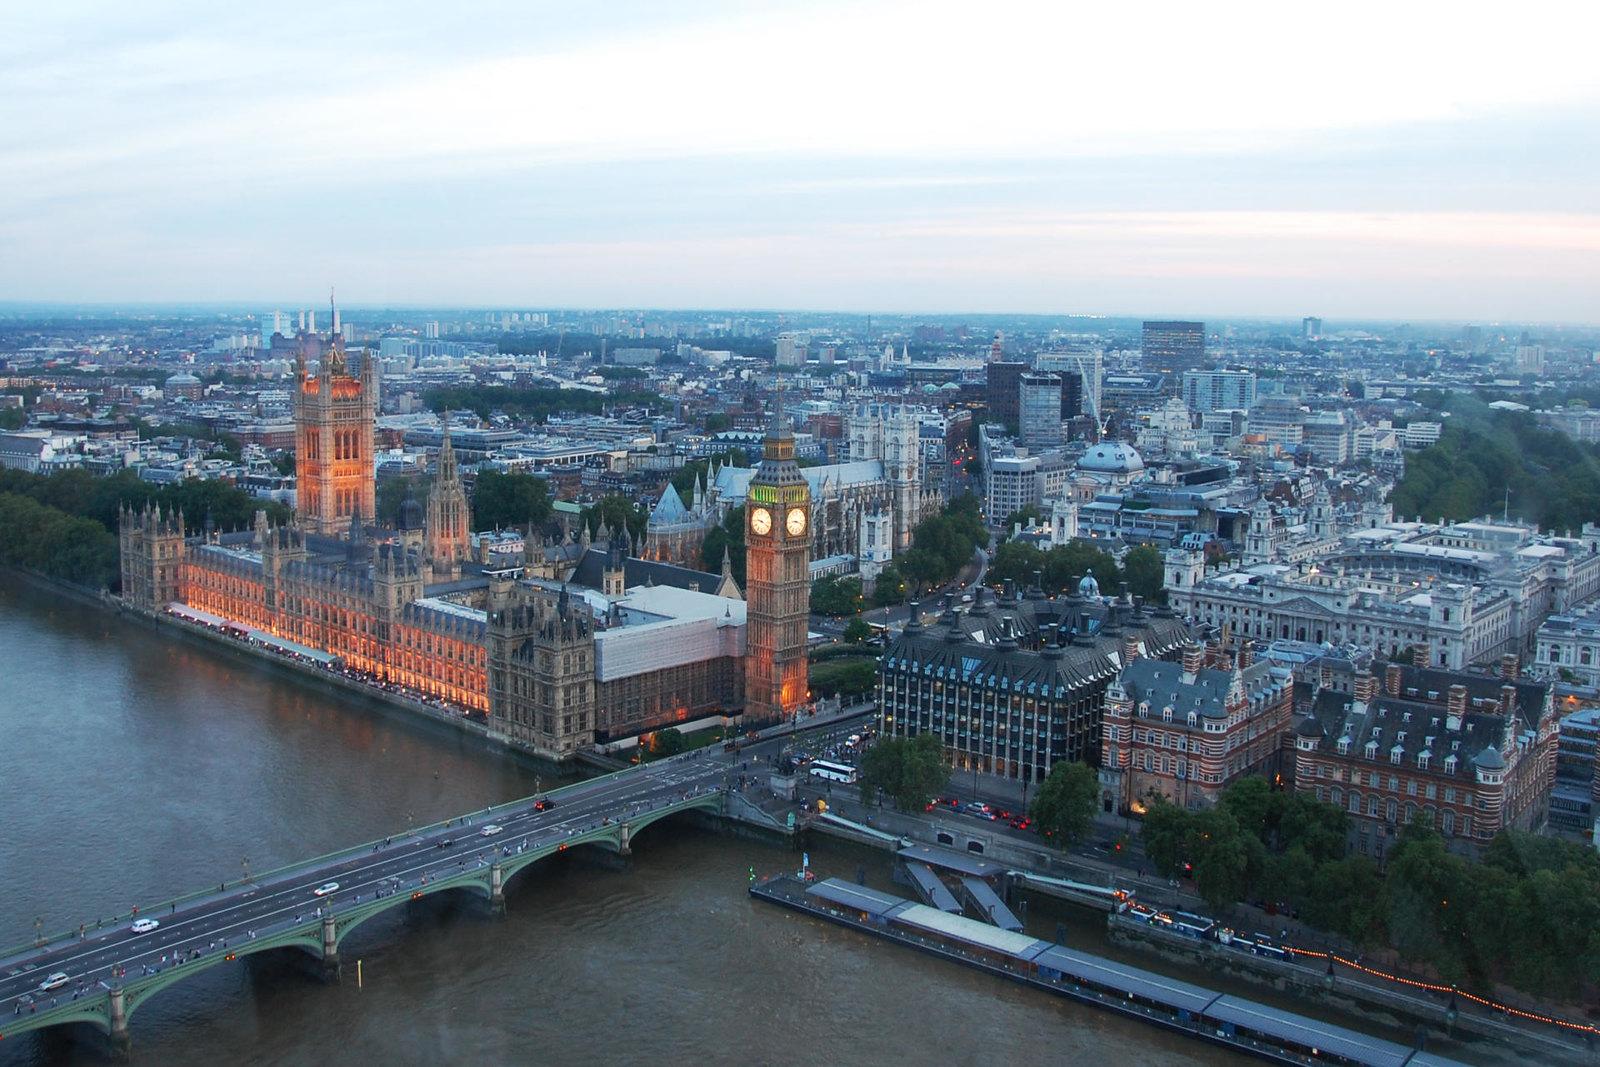 London-eye-view